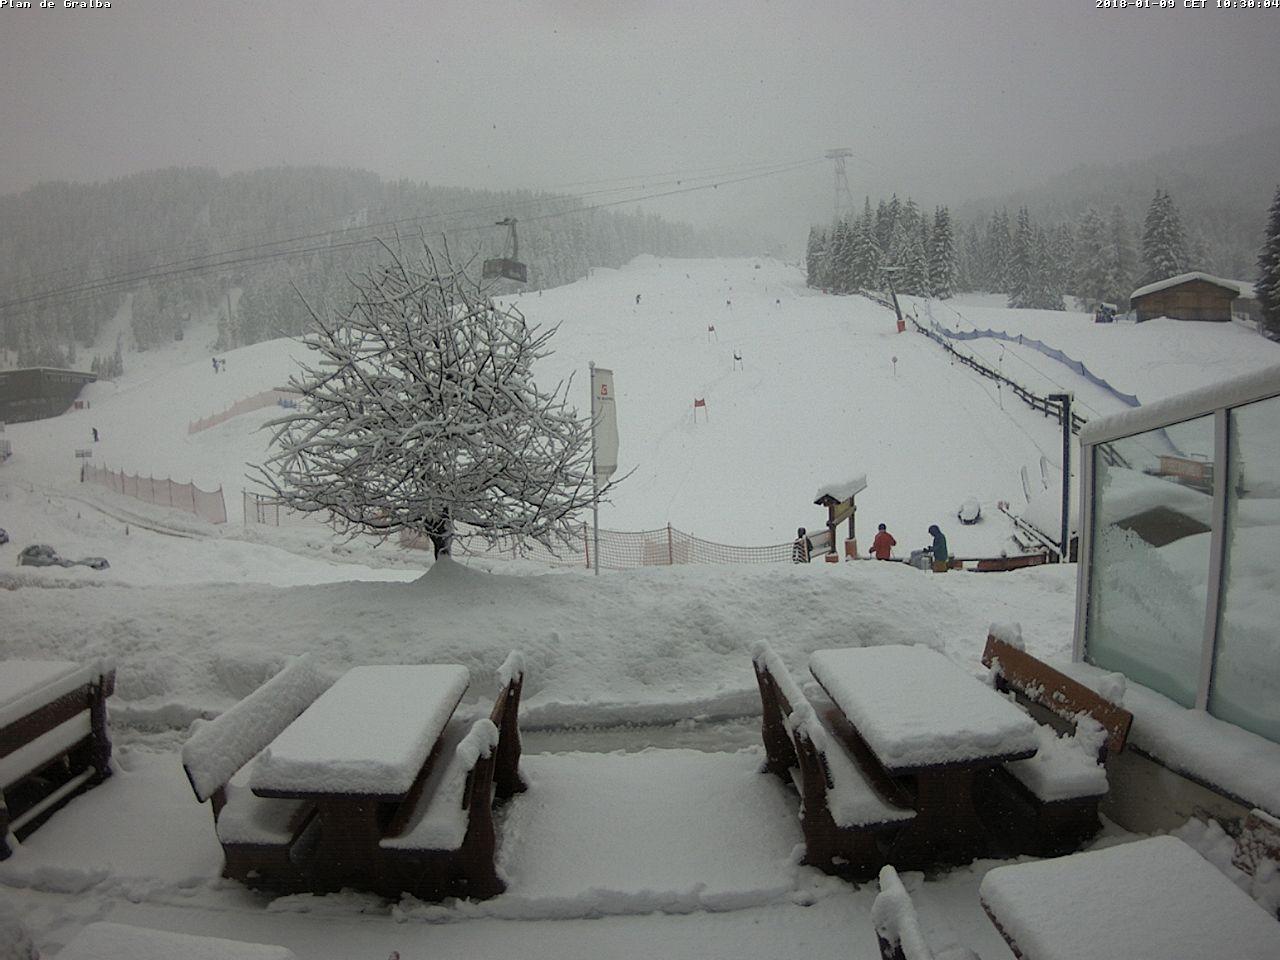 Grande nevicata sulle Alpi 9 gennaio 2018, Plan de Gralba, Val Gardena (BZ)